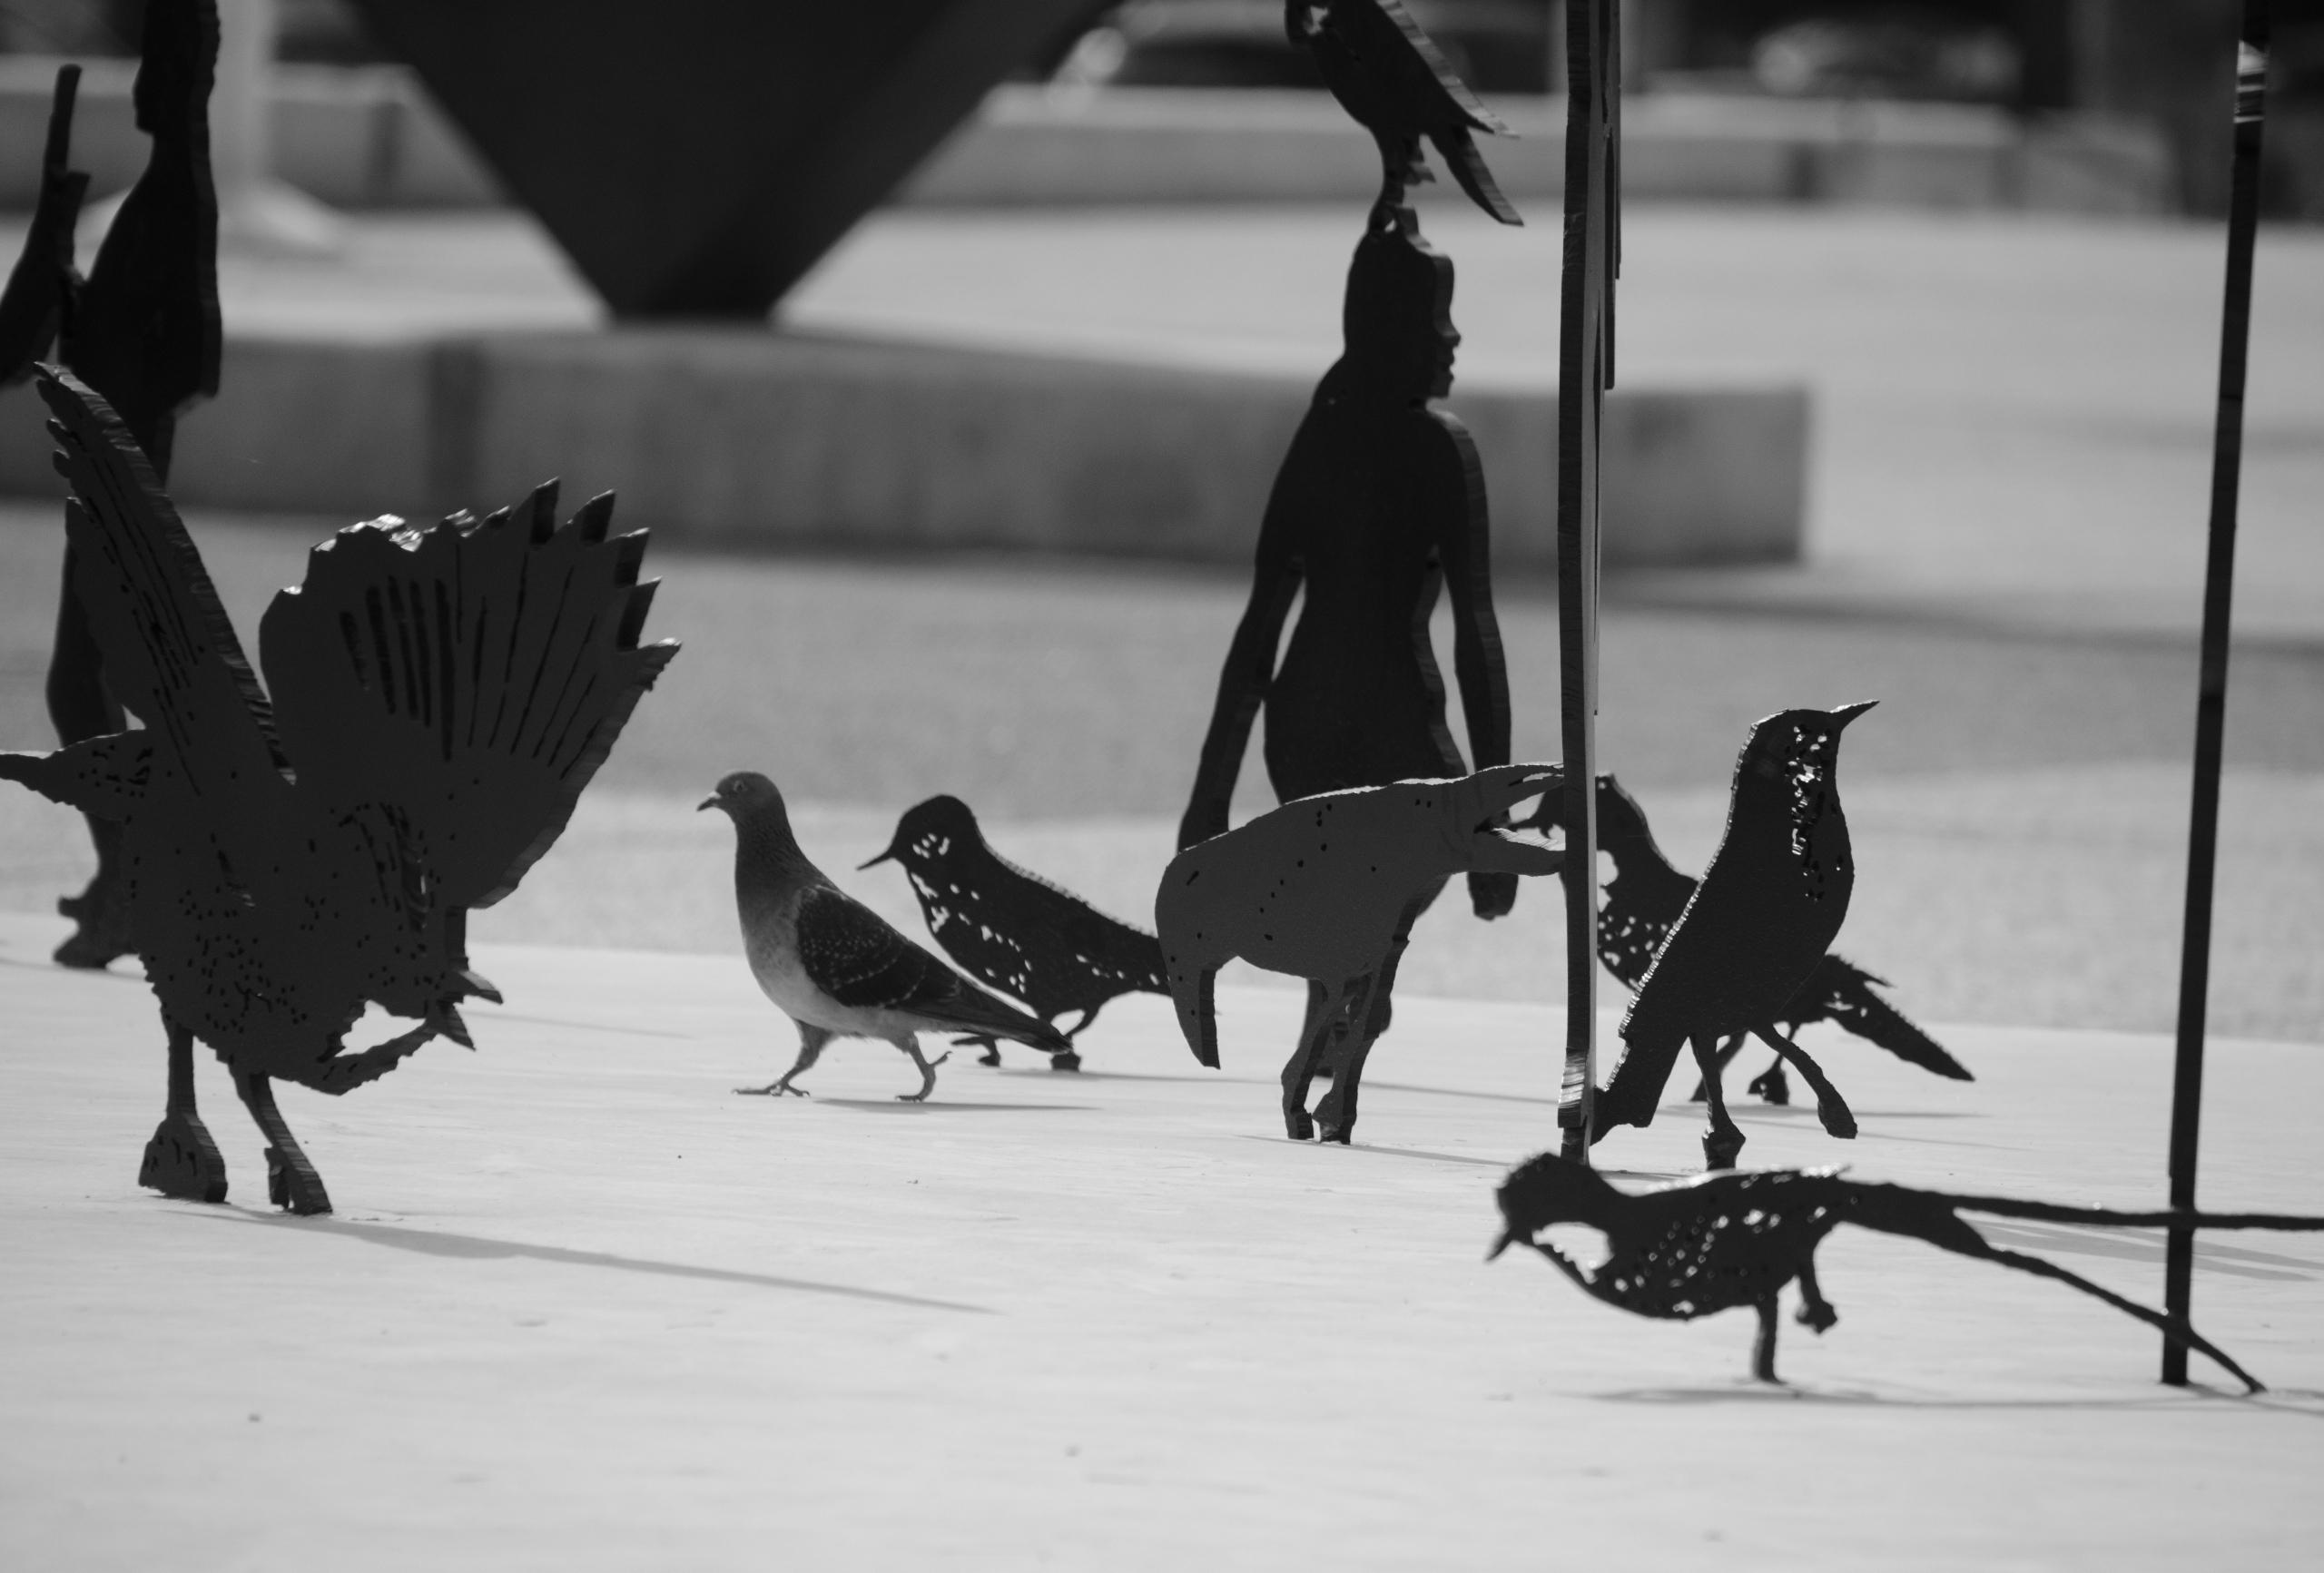 bird difference - birds, blackwhite - ydoron1   ello